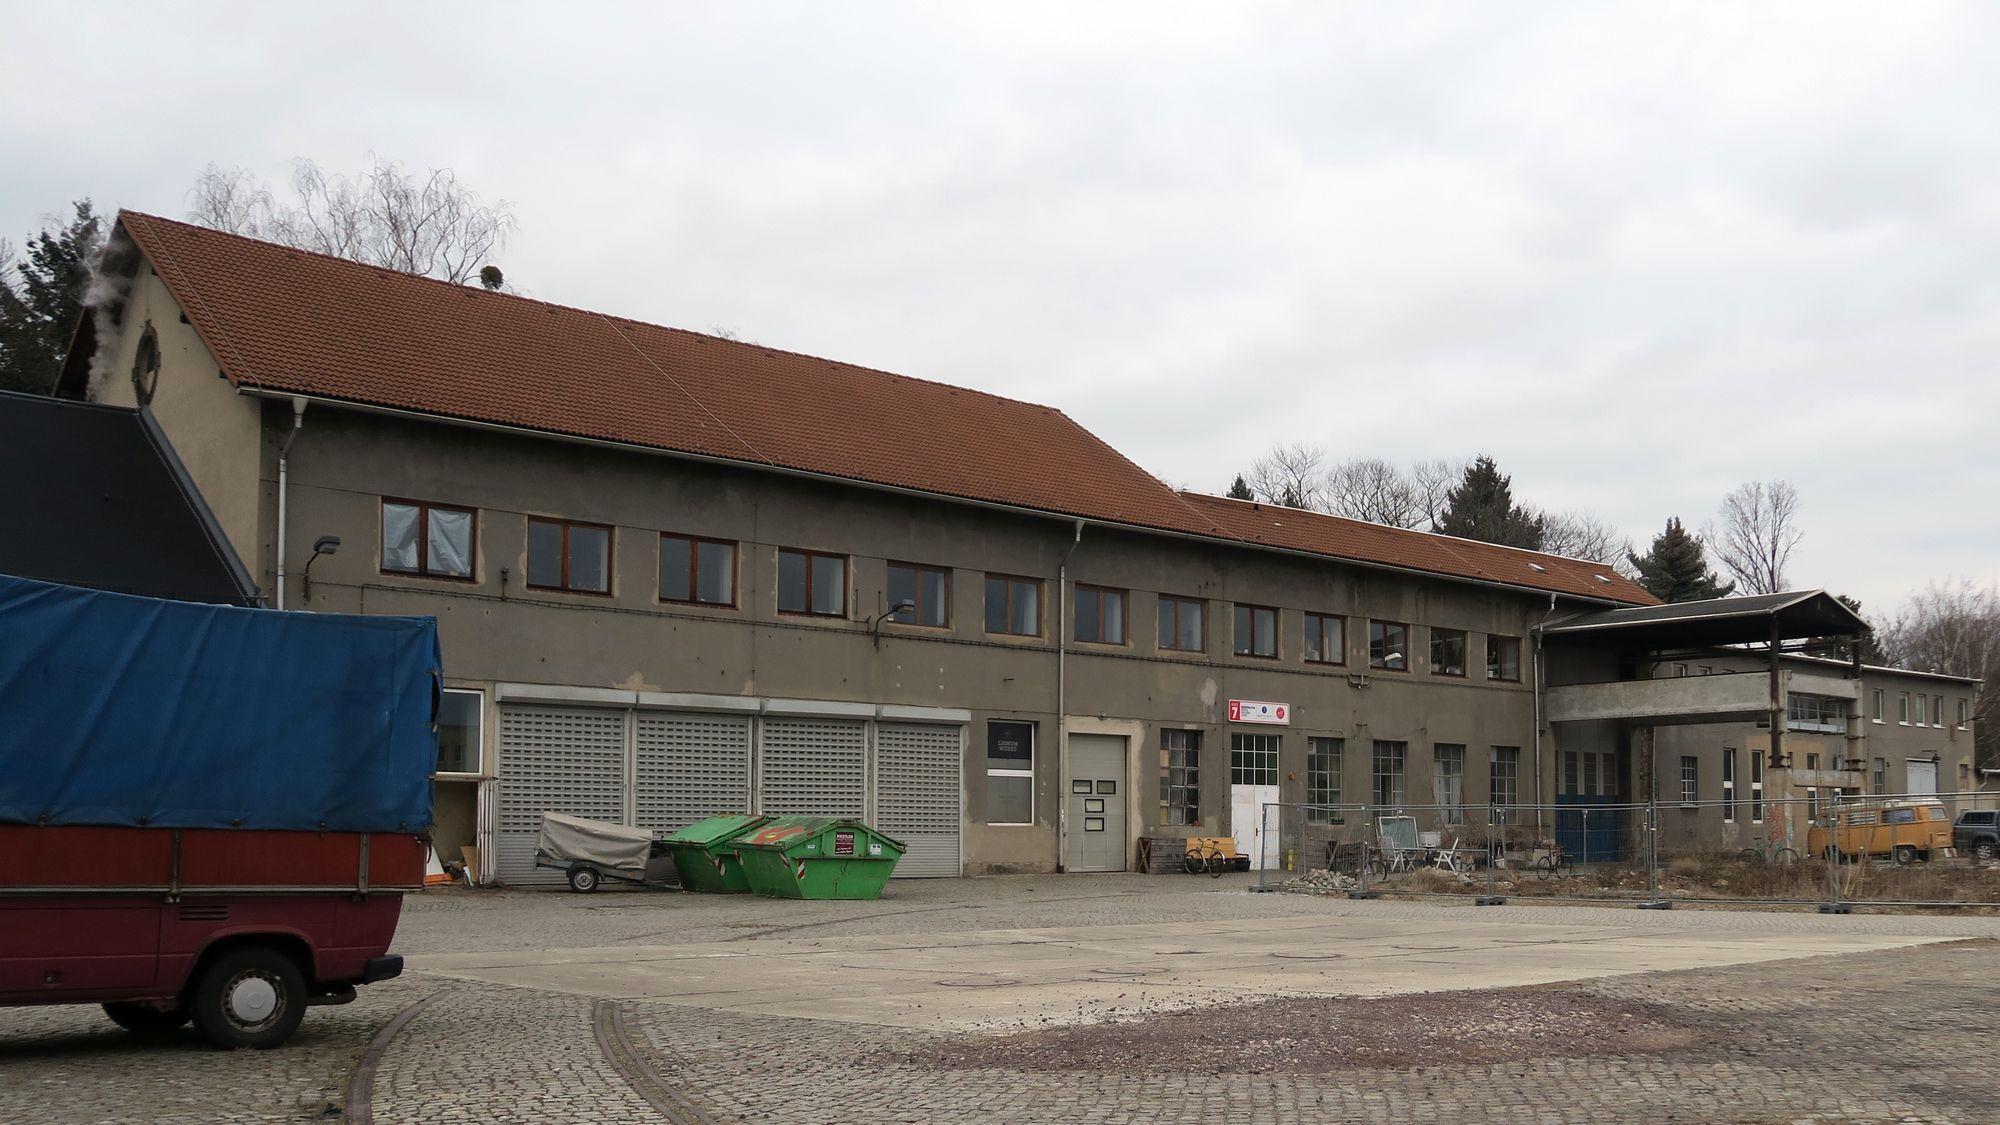 Haus 7 auf dem Drewag-Gelände an der Lößnitzstraße